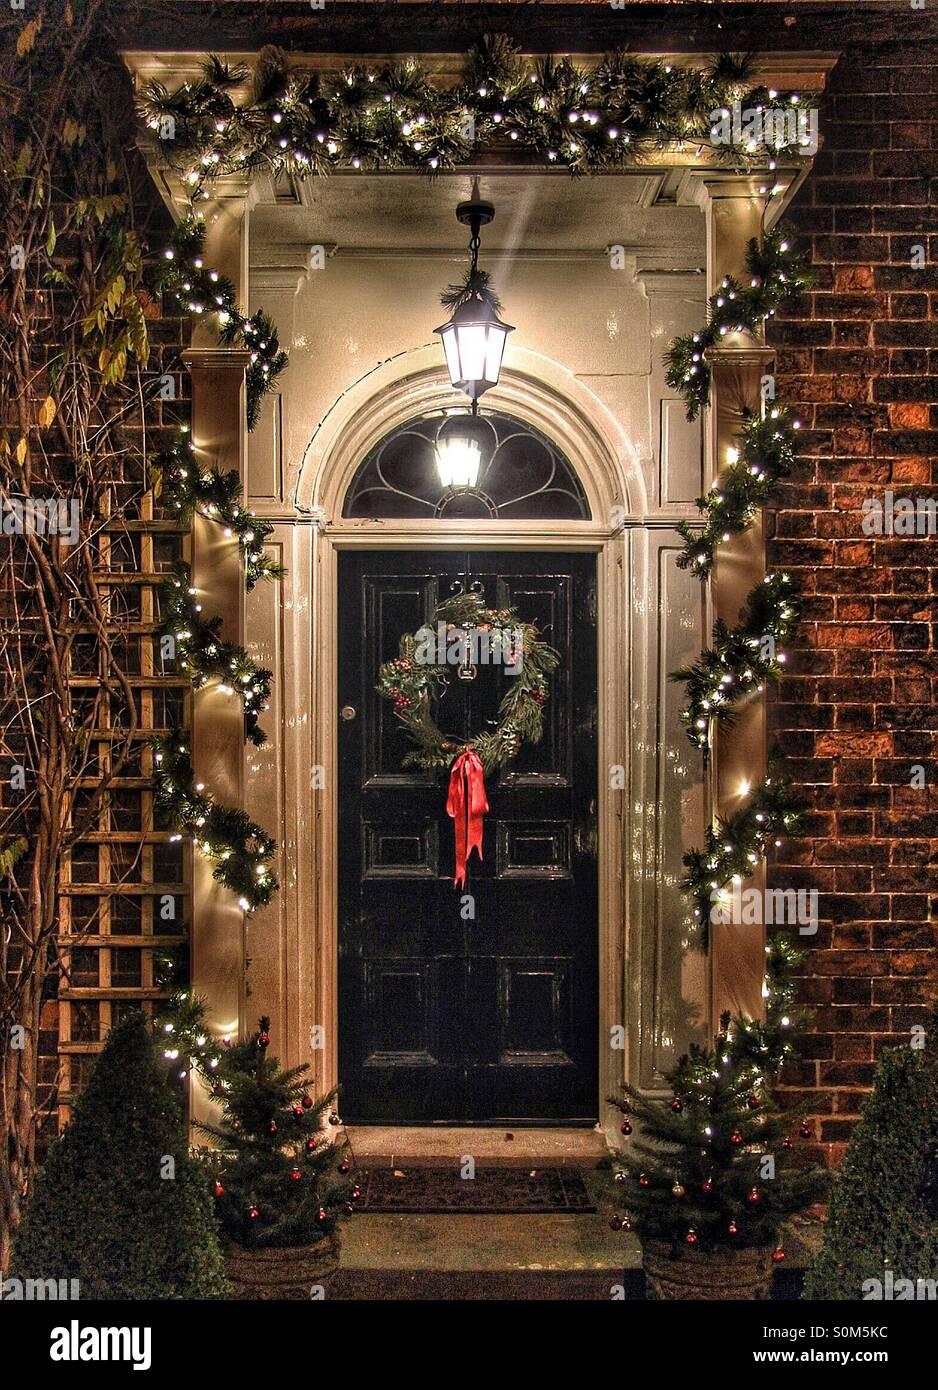 Un tradizionale portale decorato per il Natale con una ghirlanda di luci e. Immagini Stock